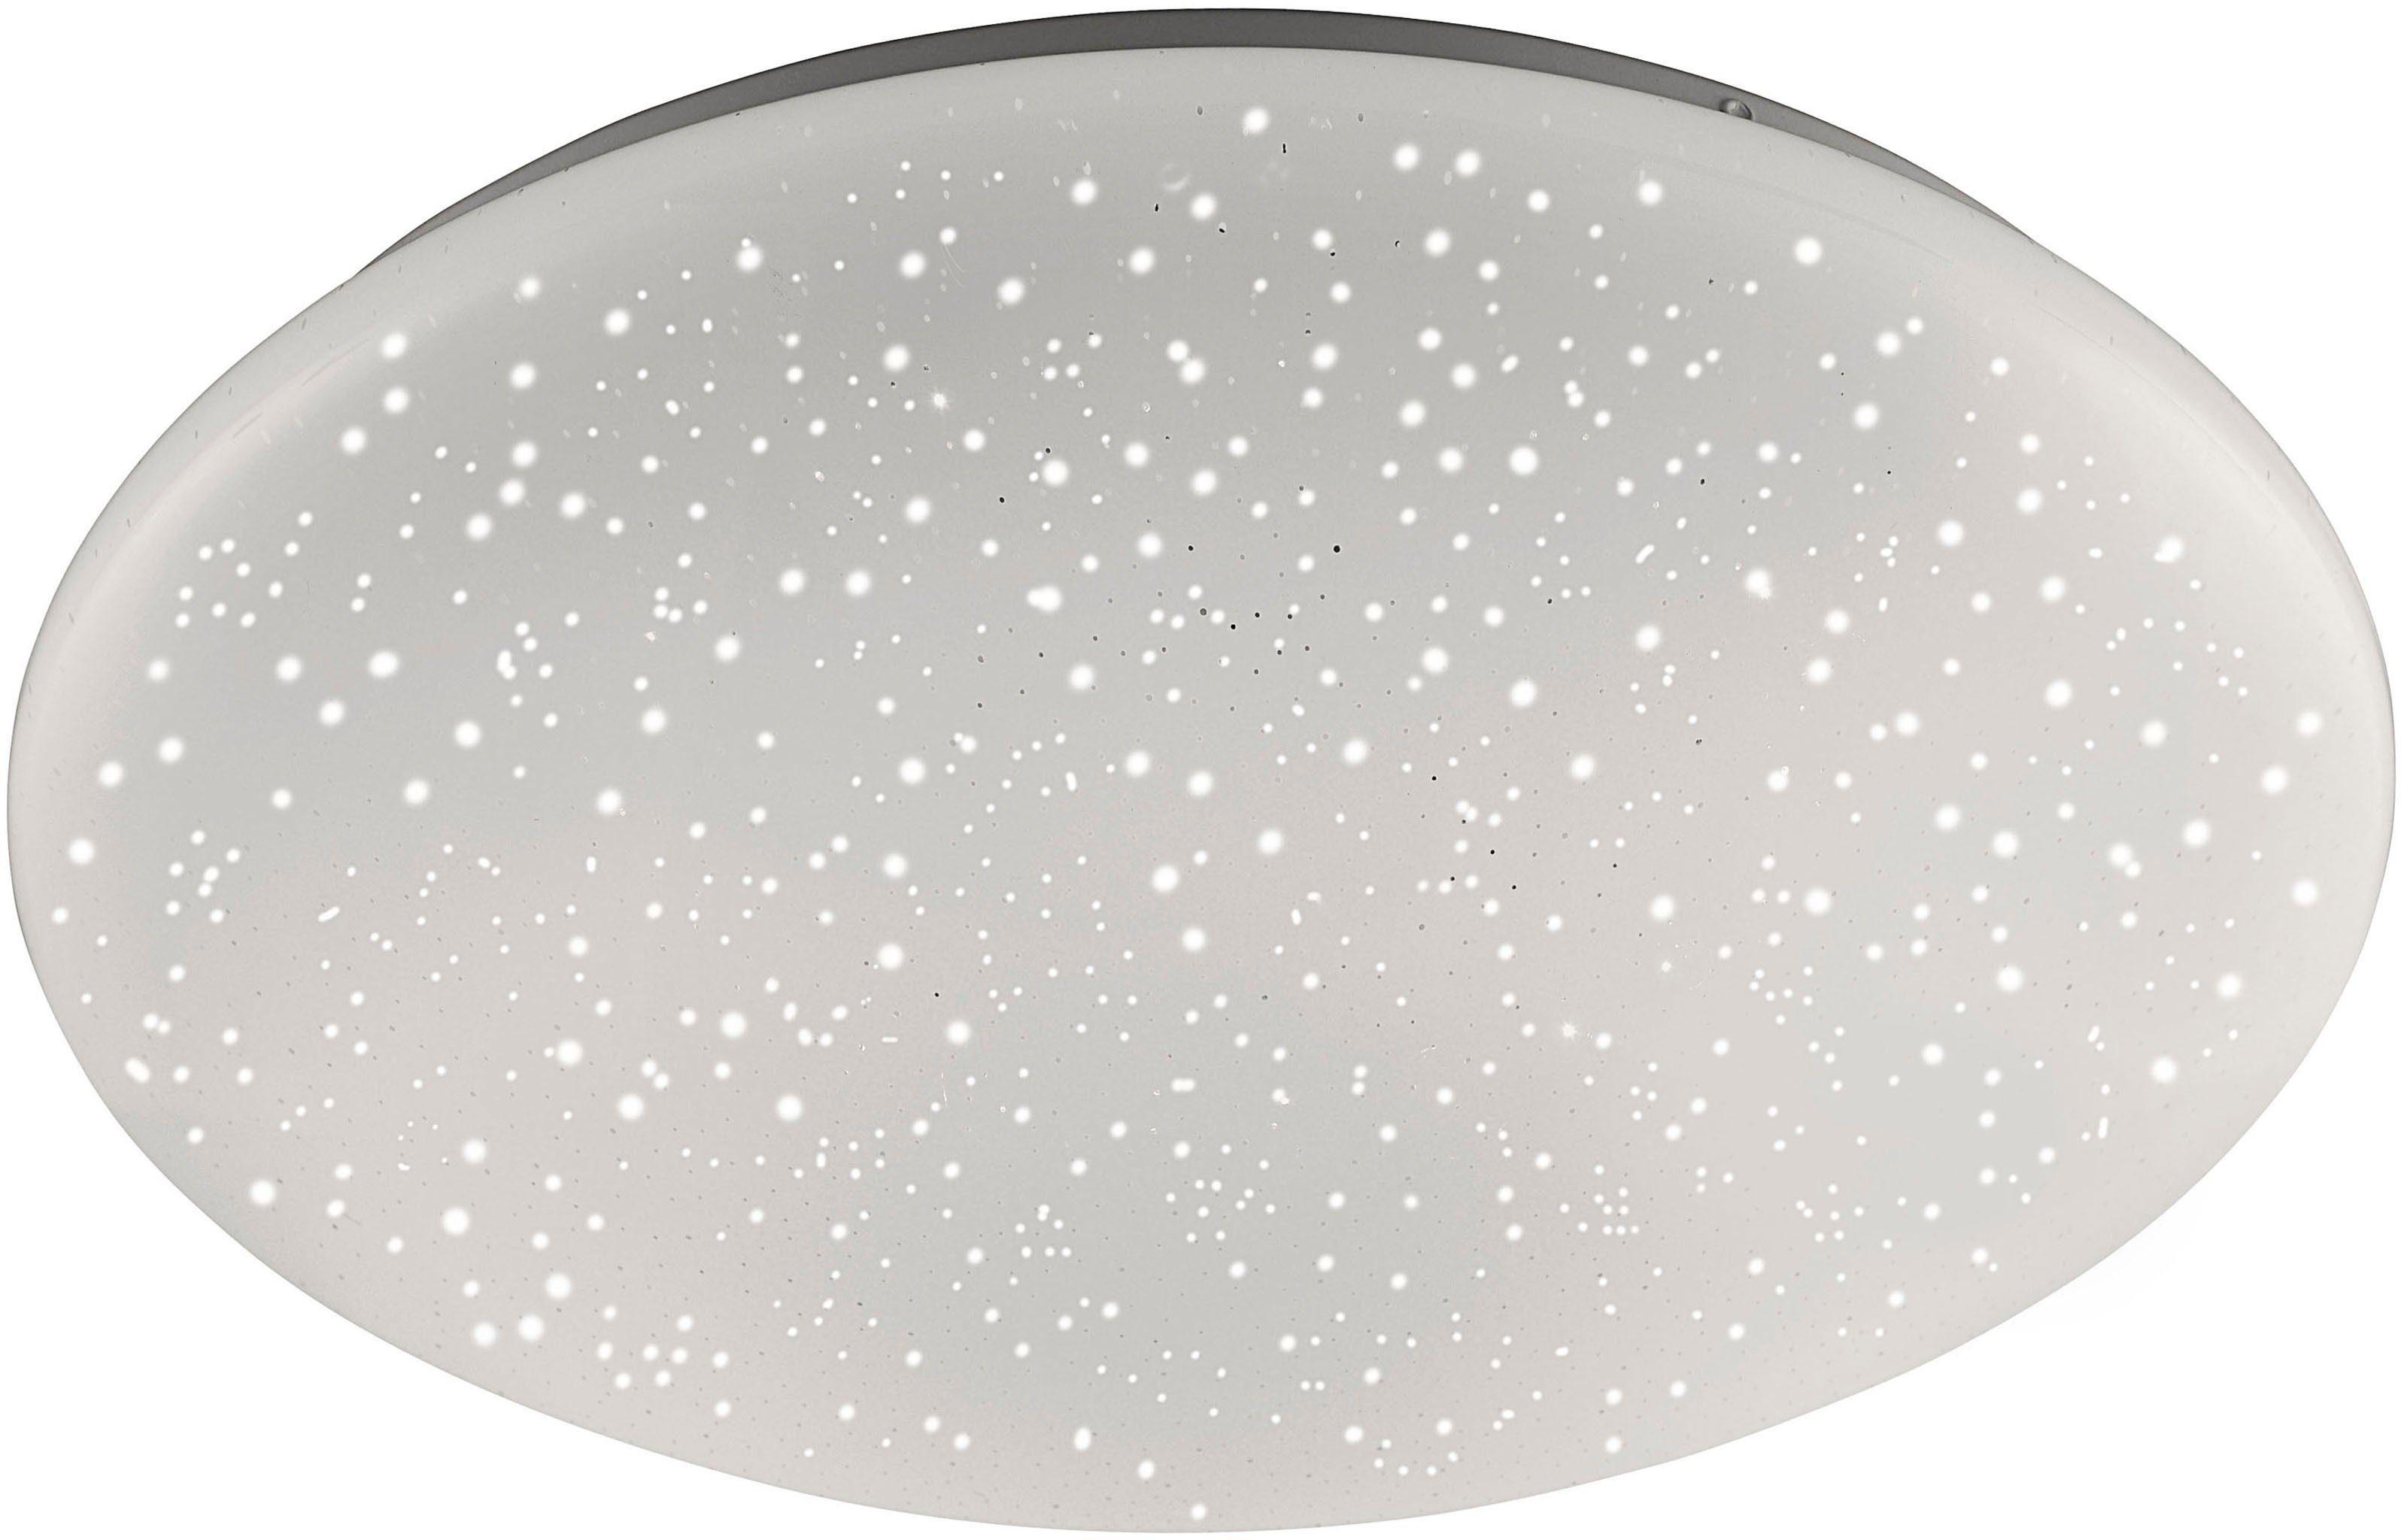 60W LED Deckenleuchte Deckenlampe Sternen Himmel Funkel Wohnzimmerlampe Rund